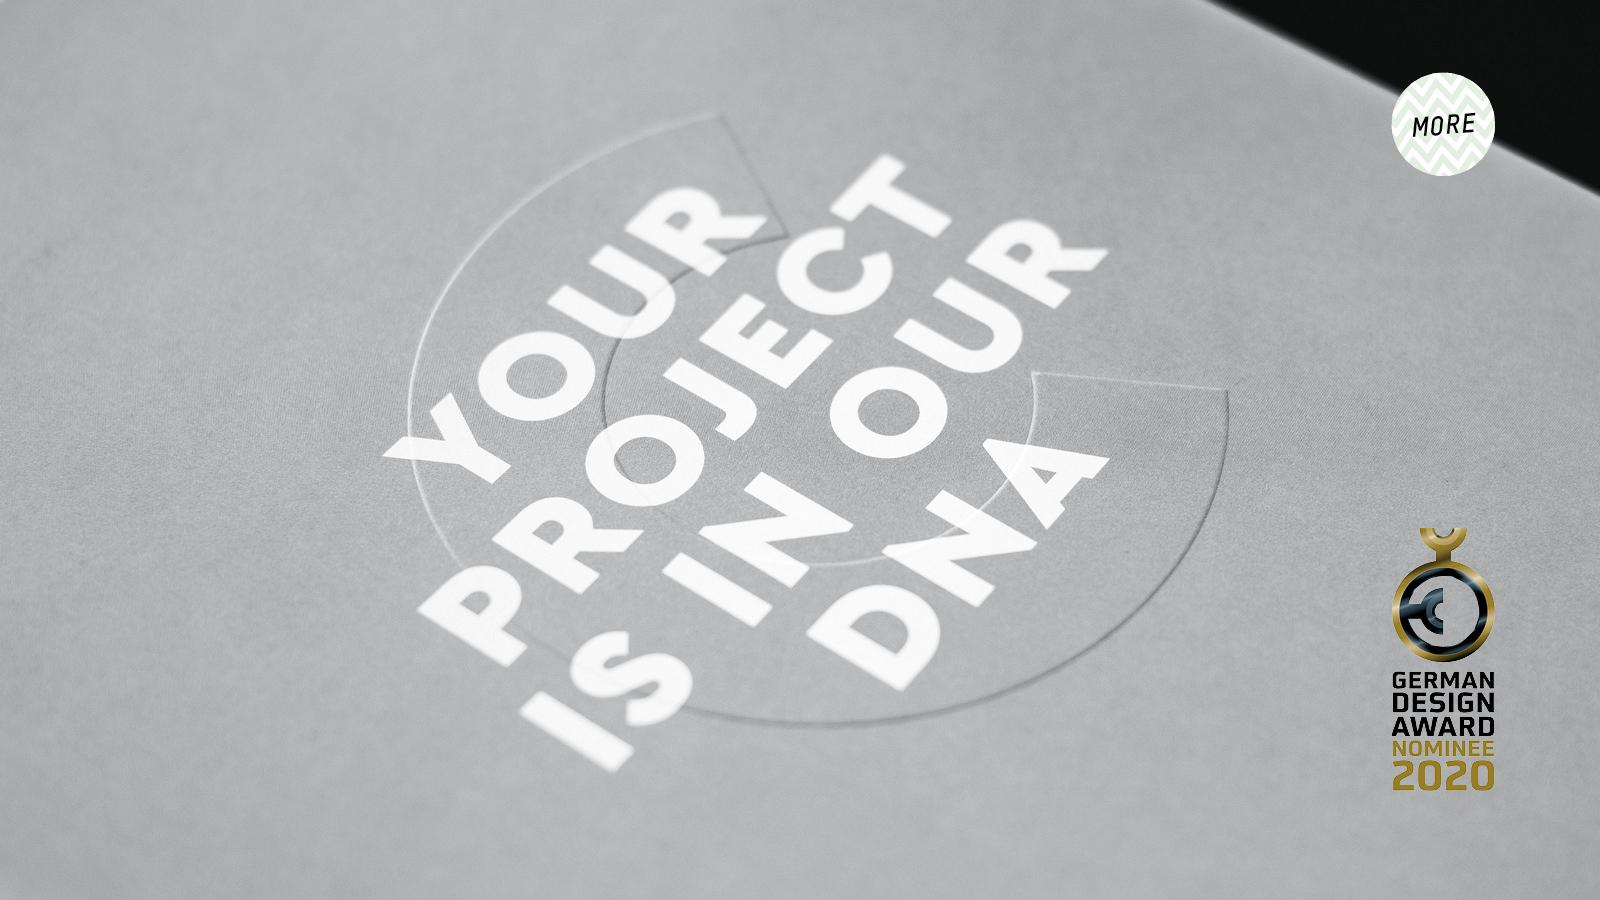 UNGESTRICHEN Buero fuer Kommunikationsdesign_start_the project DNA_B2B Marketingkonzept für conmnoto projects_German Design Award Nominee 2020_01.jpg